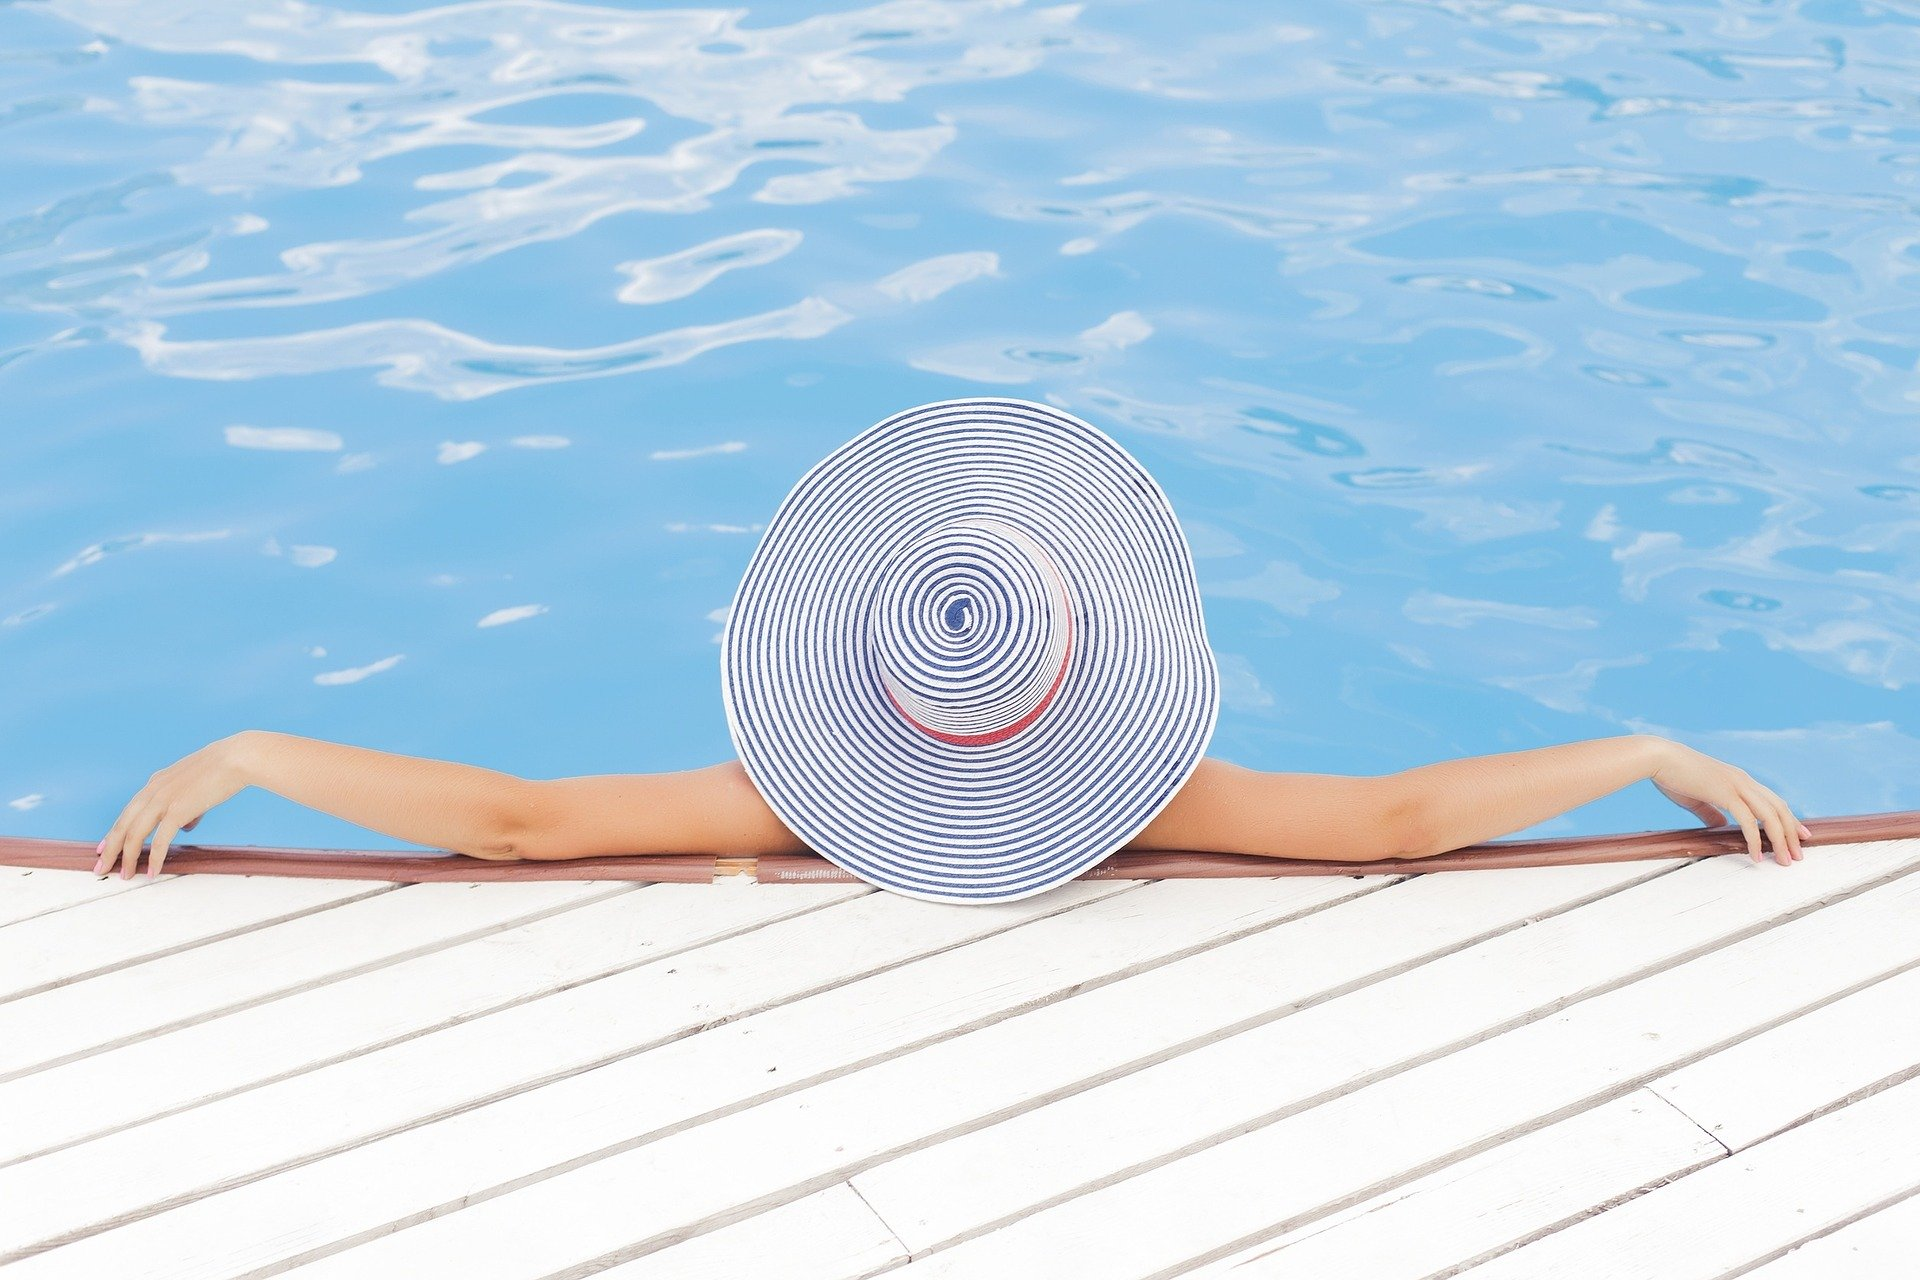 osoba se odmara na bazenu